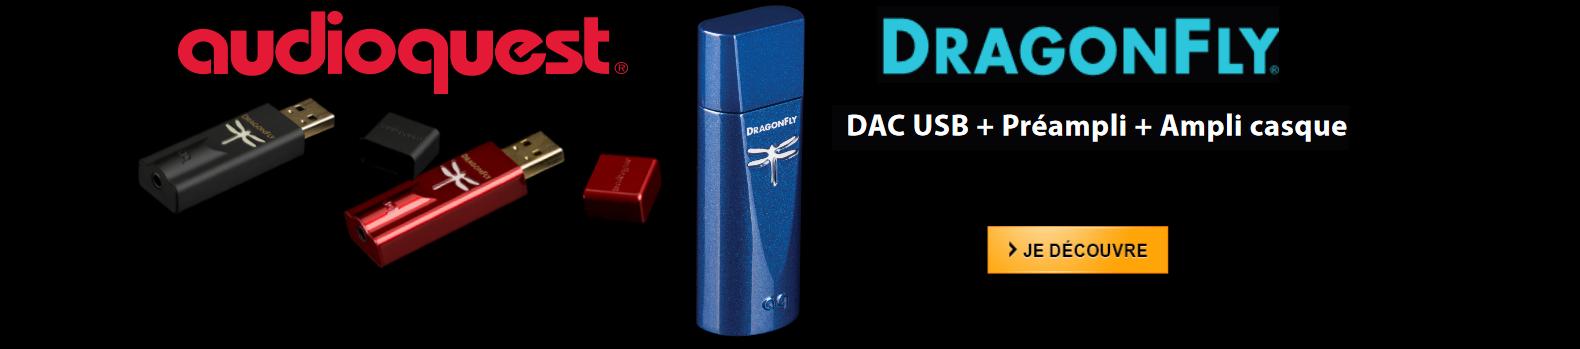 Découvrez la gamme complète AudioQuest Dragonfly chez Futureland